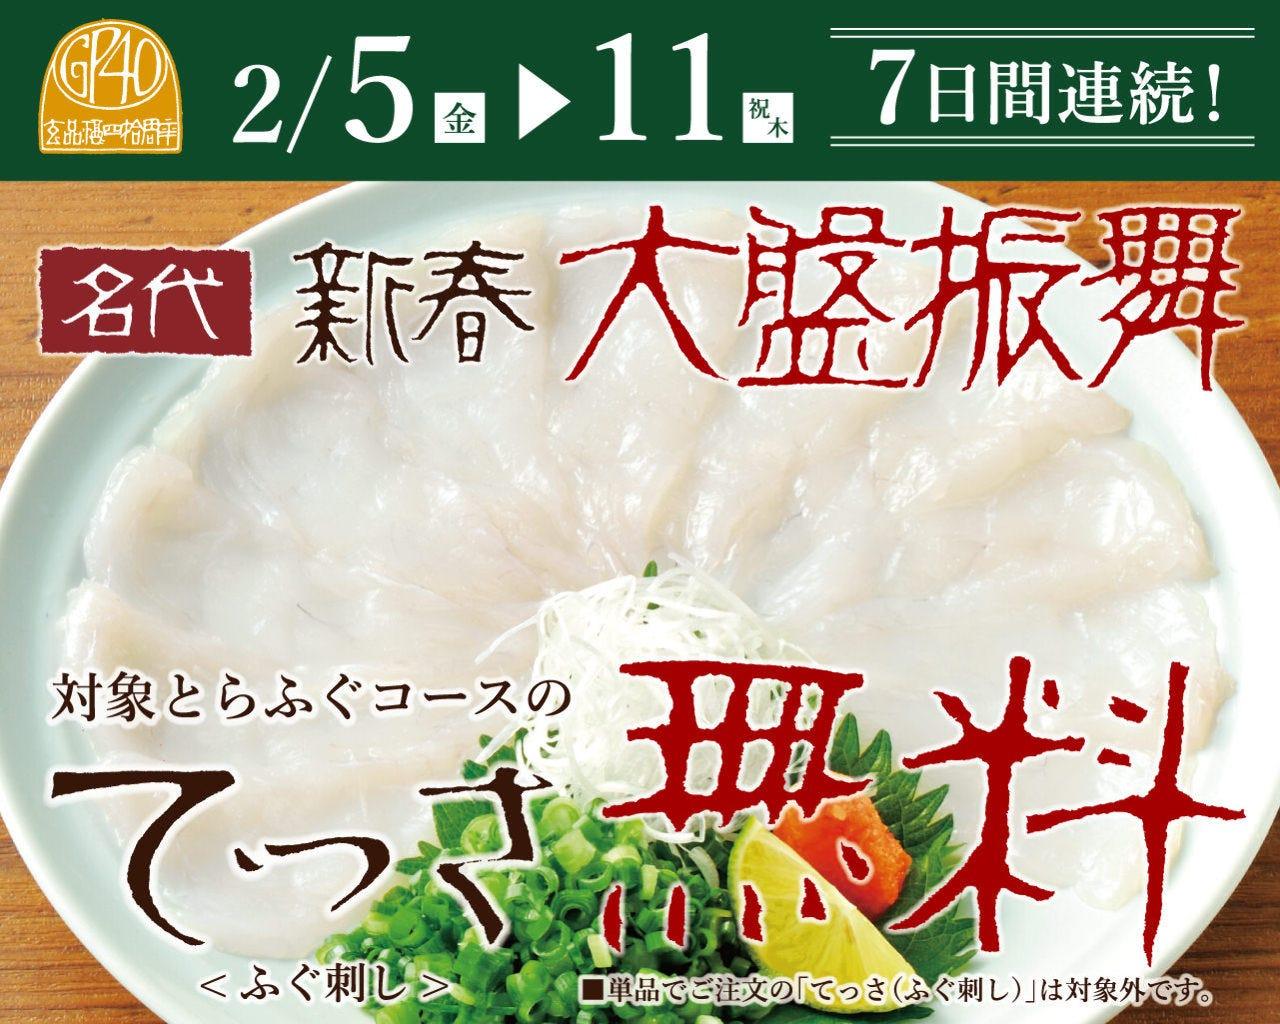 2/5~2/11 「ふぐの日」大盤振る舞い【てっさ無料フェア】!!